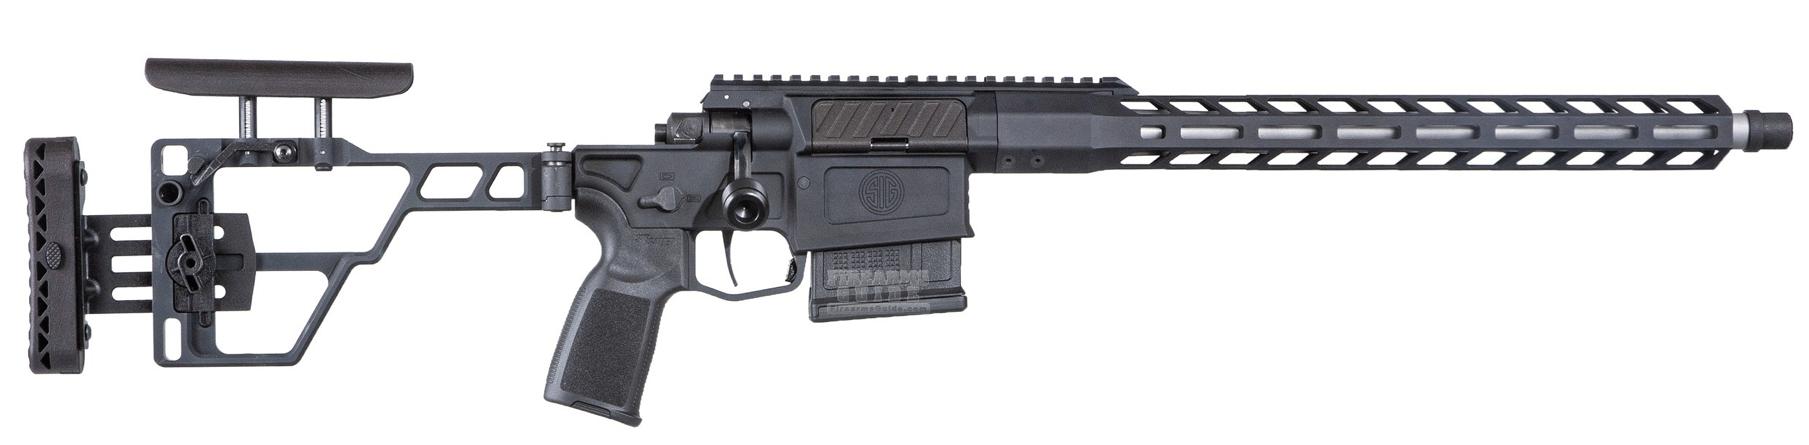 Fusiles de Precisión del 2020 de  Calibres 270 Winchester-277 Fury-28 Nosler-280 Ackley mejorado